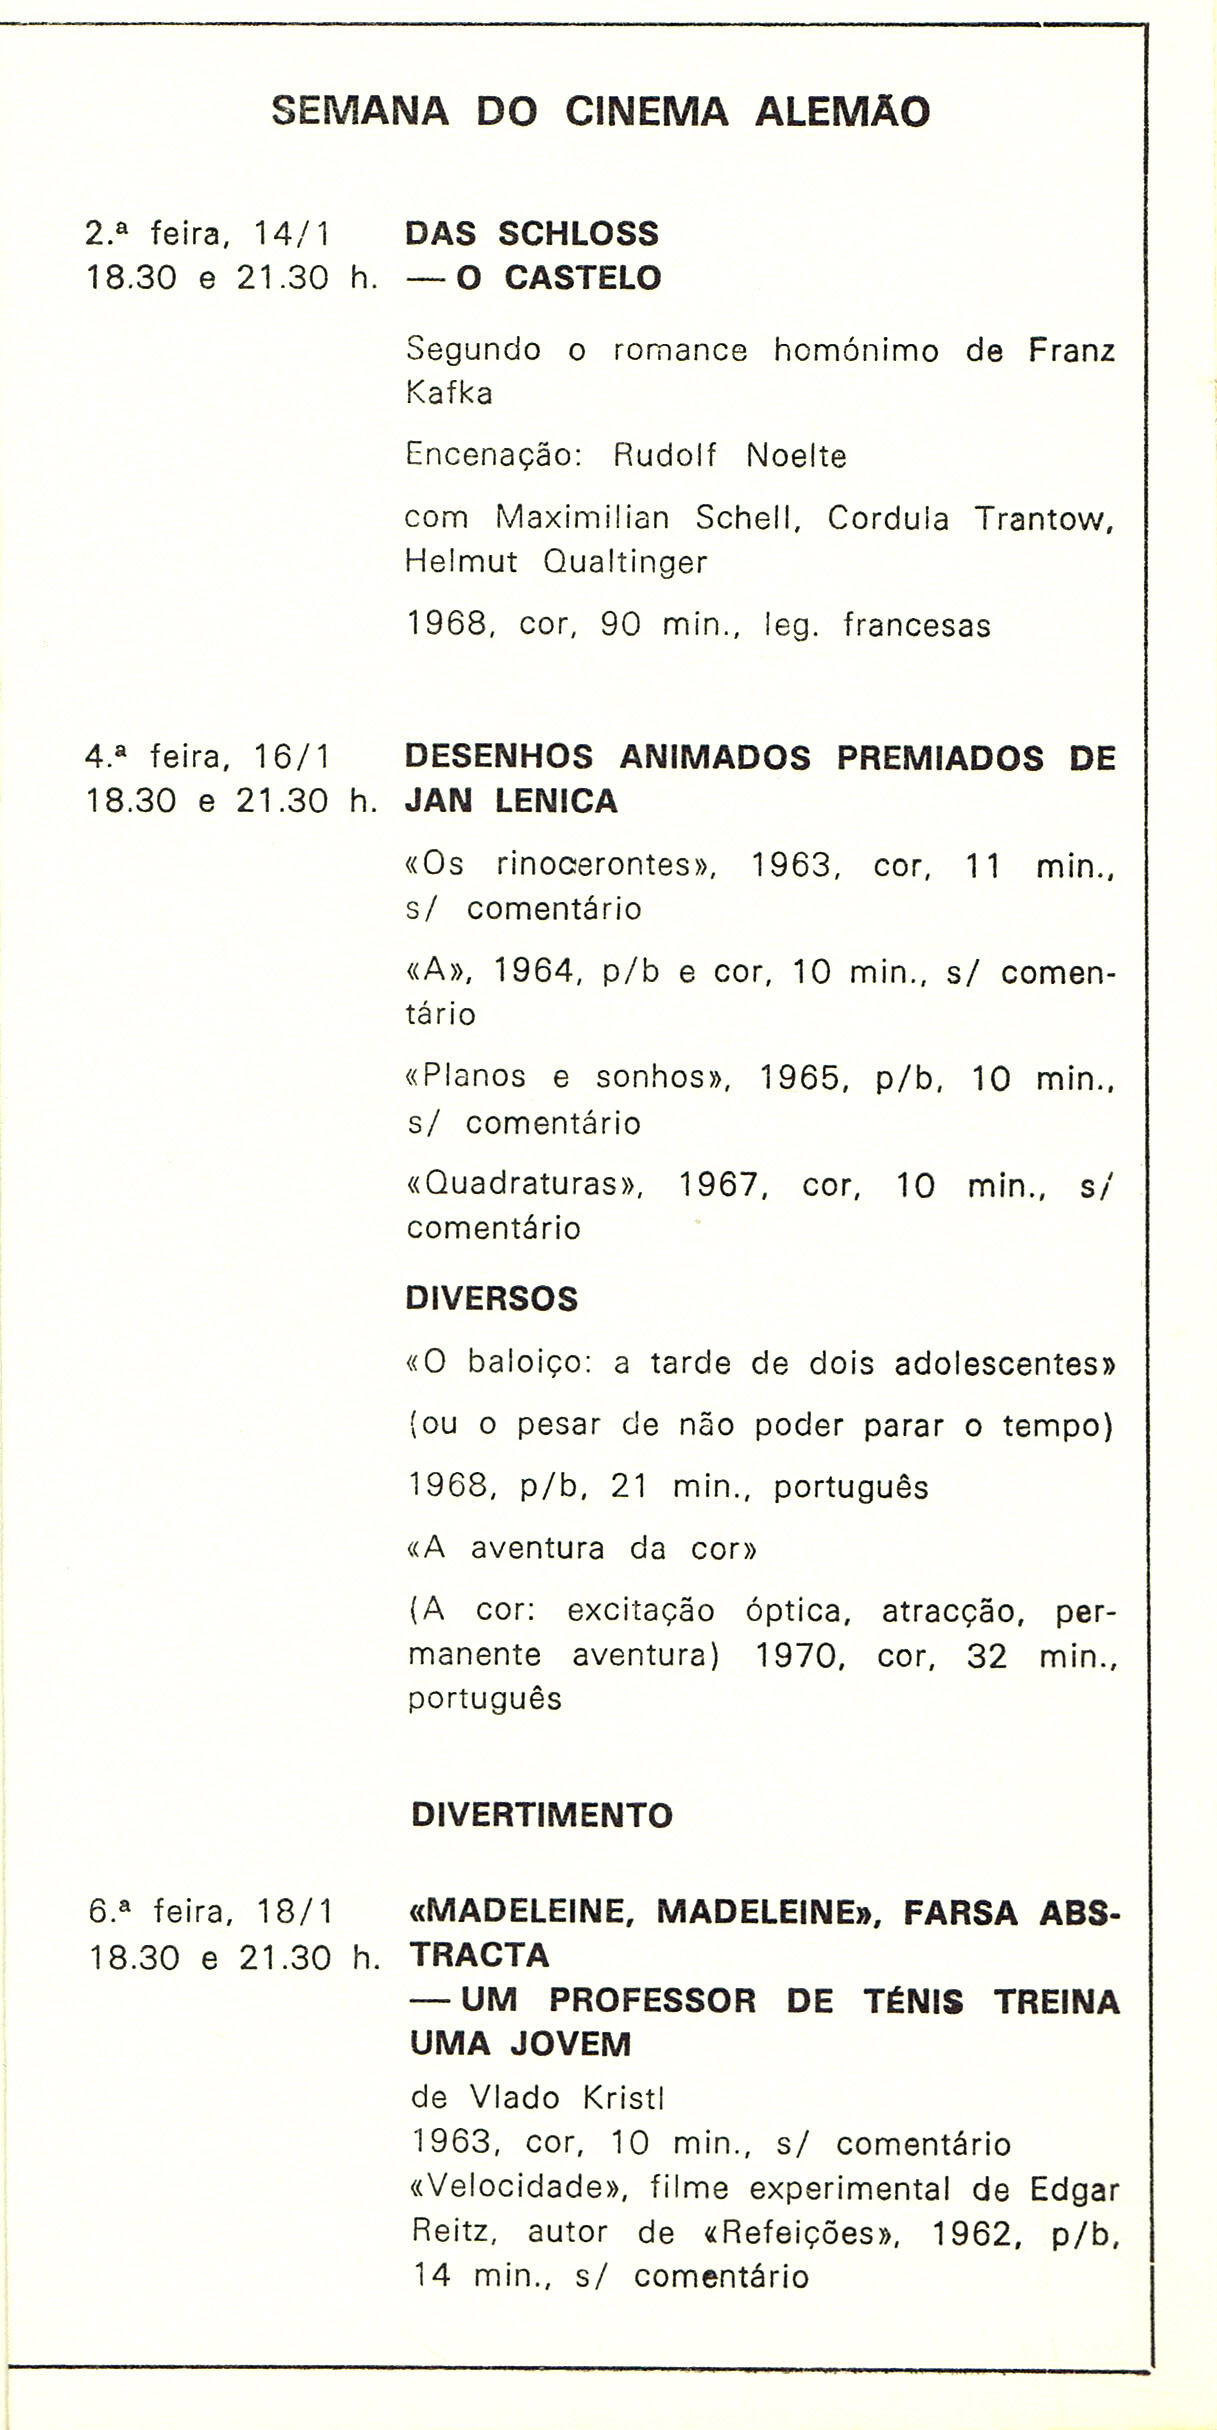 3 instituto alemao dez 73 3 – EPHEMERA – Biblioteca e arquivo de ... ce1a067d4b